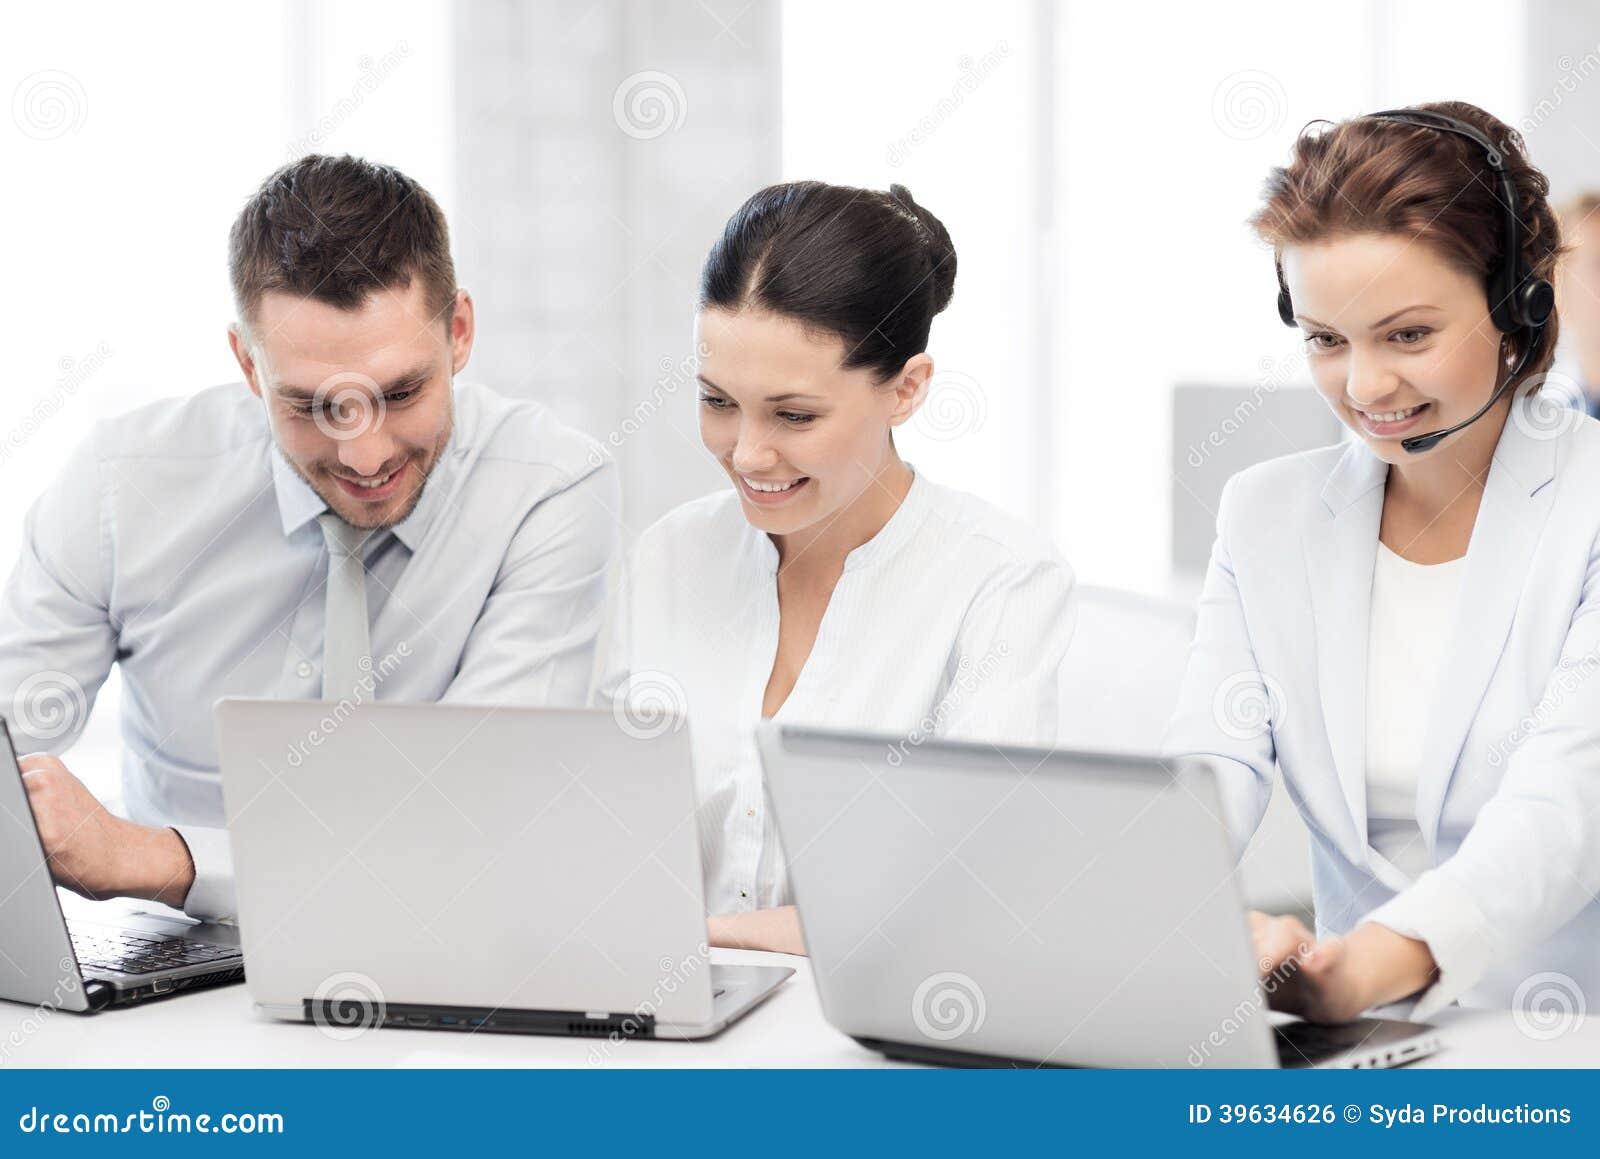 Gruppe von Personen, die mit Laptops im Büro arbeitet